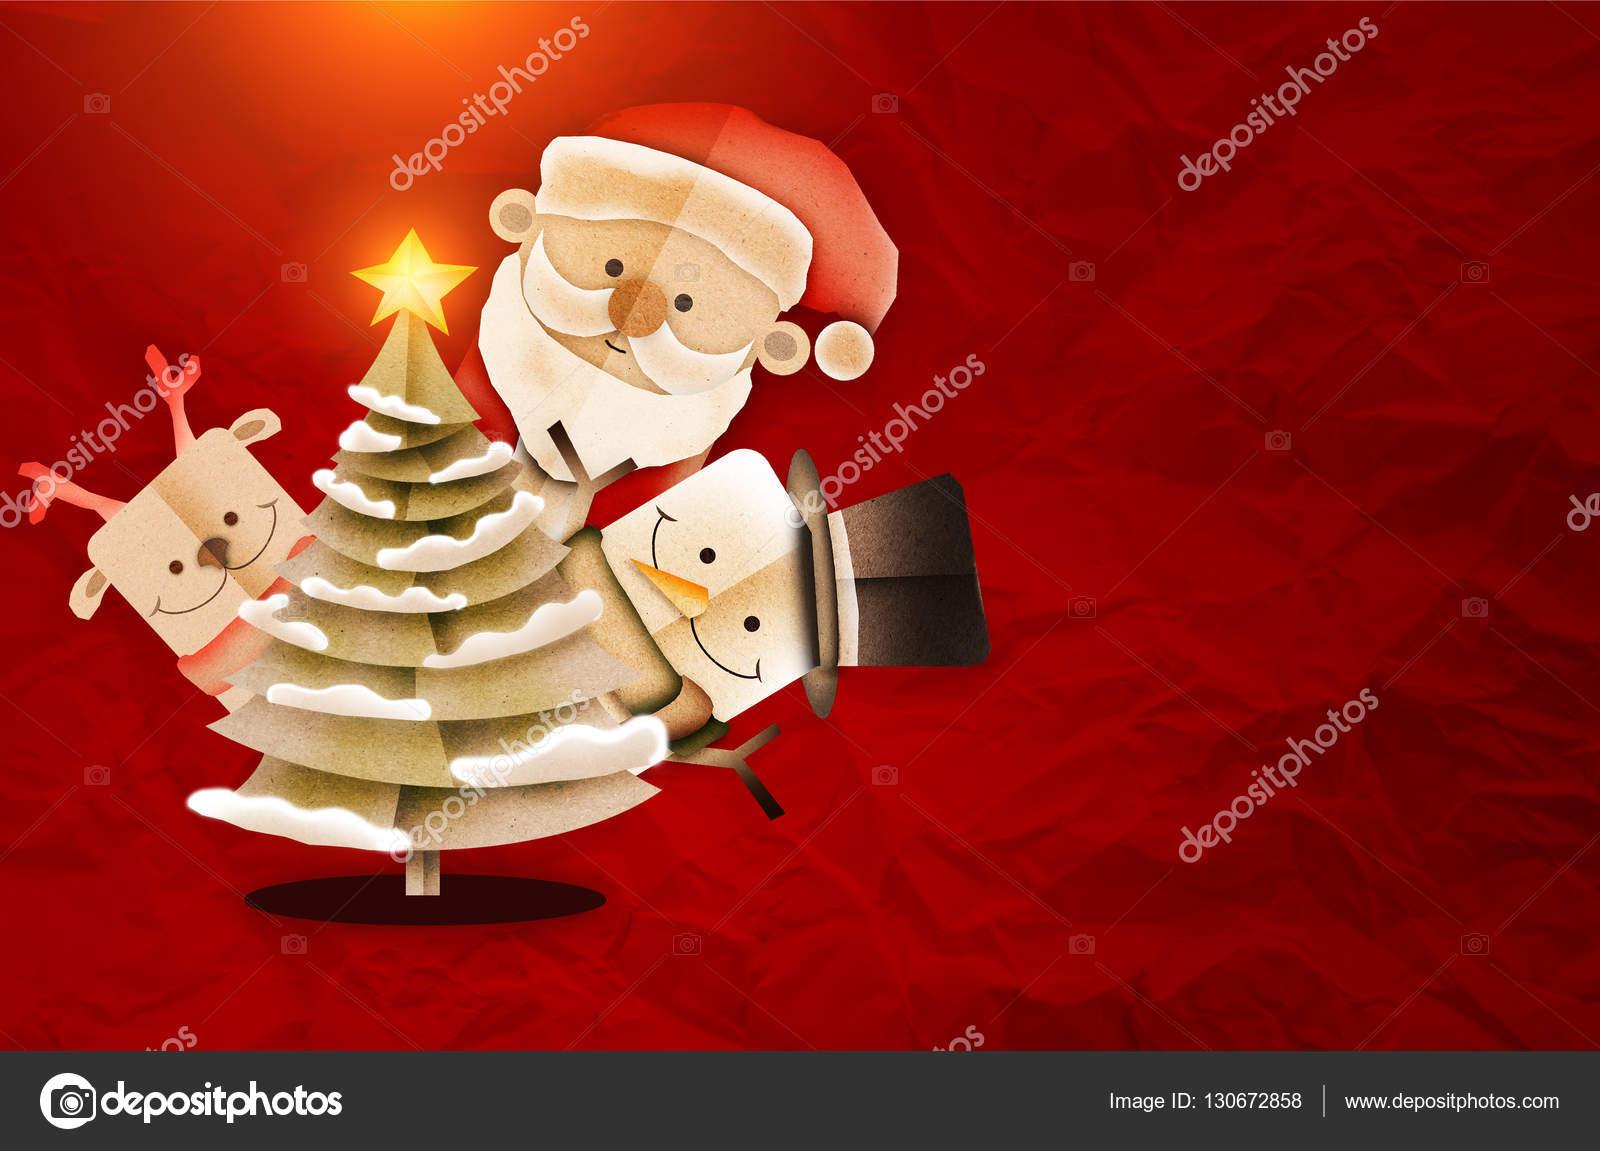 gratulationskort julkort gratulationskort, julkort med jultomten — Stockfotografi  gratulationskort julkort